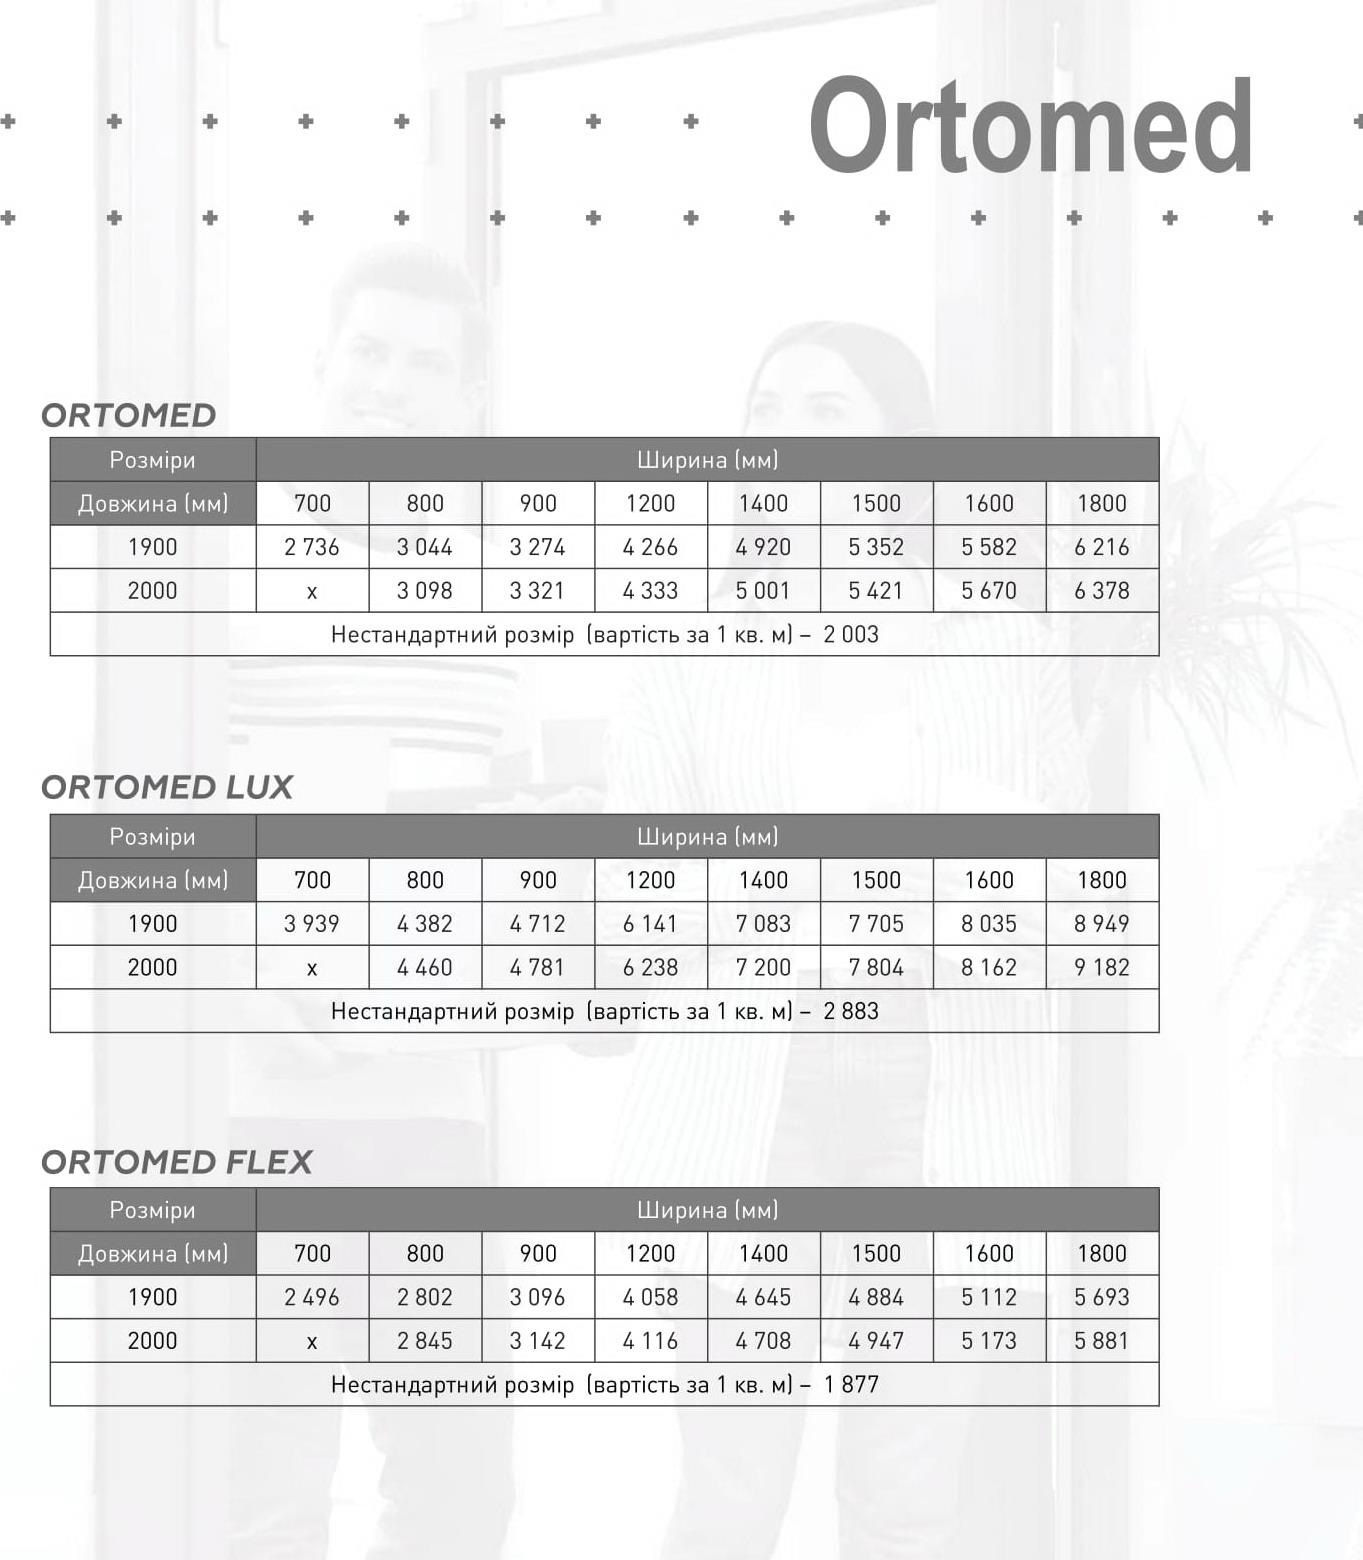 Цены Матрасы Кривой Рог Органик, шанс, комфорт, эволюшн Дейли 2 в 1, Эпсилон, Омега